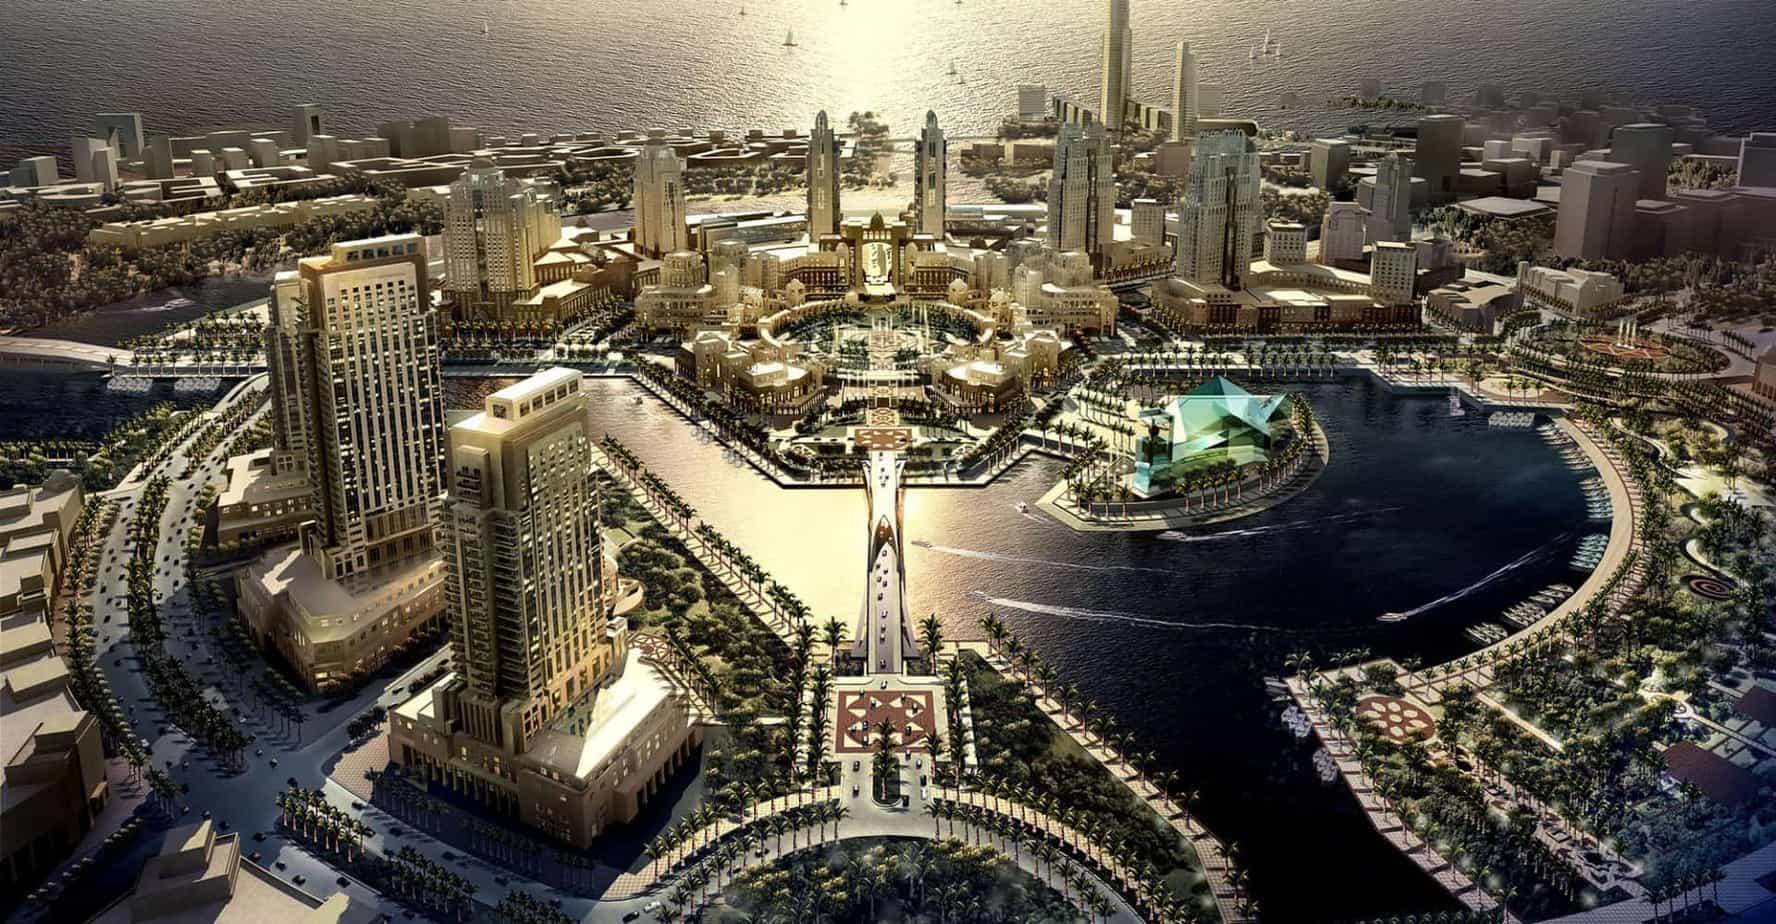 اهم الانشطة السياحية في مدينة الملك عبدالله الاقتصادية عطلات